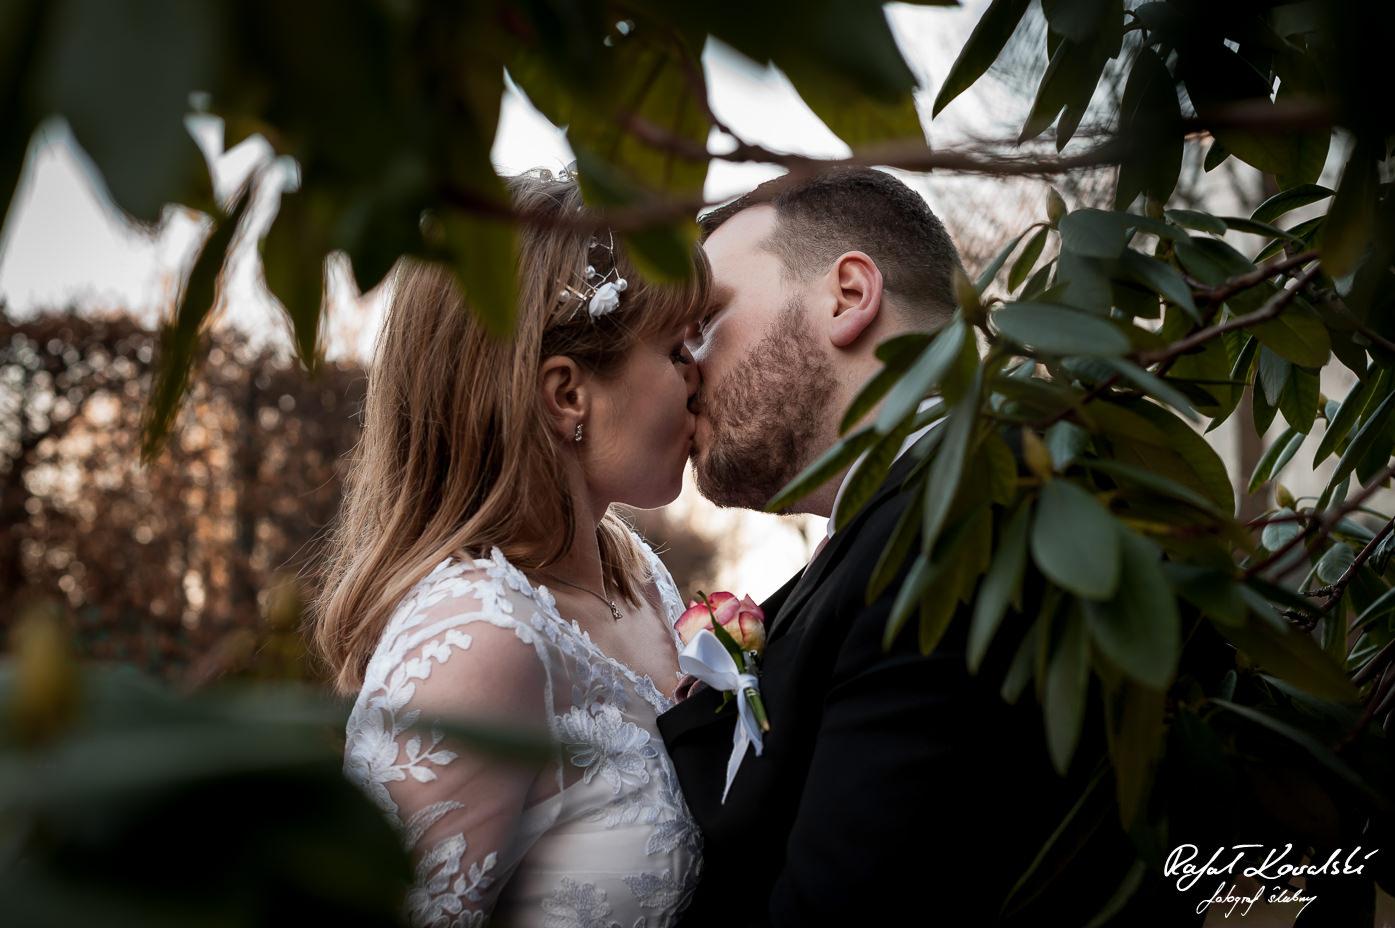 Plener Ślubny Gdynia - pocałunek młodej pary sfotografowany w prześwicie zielonych liści